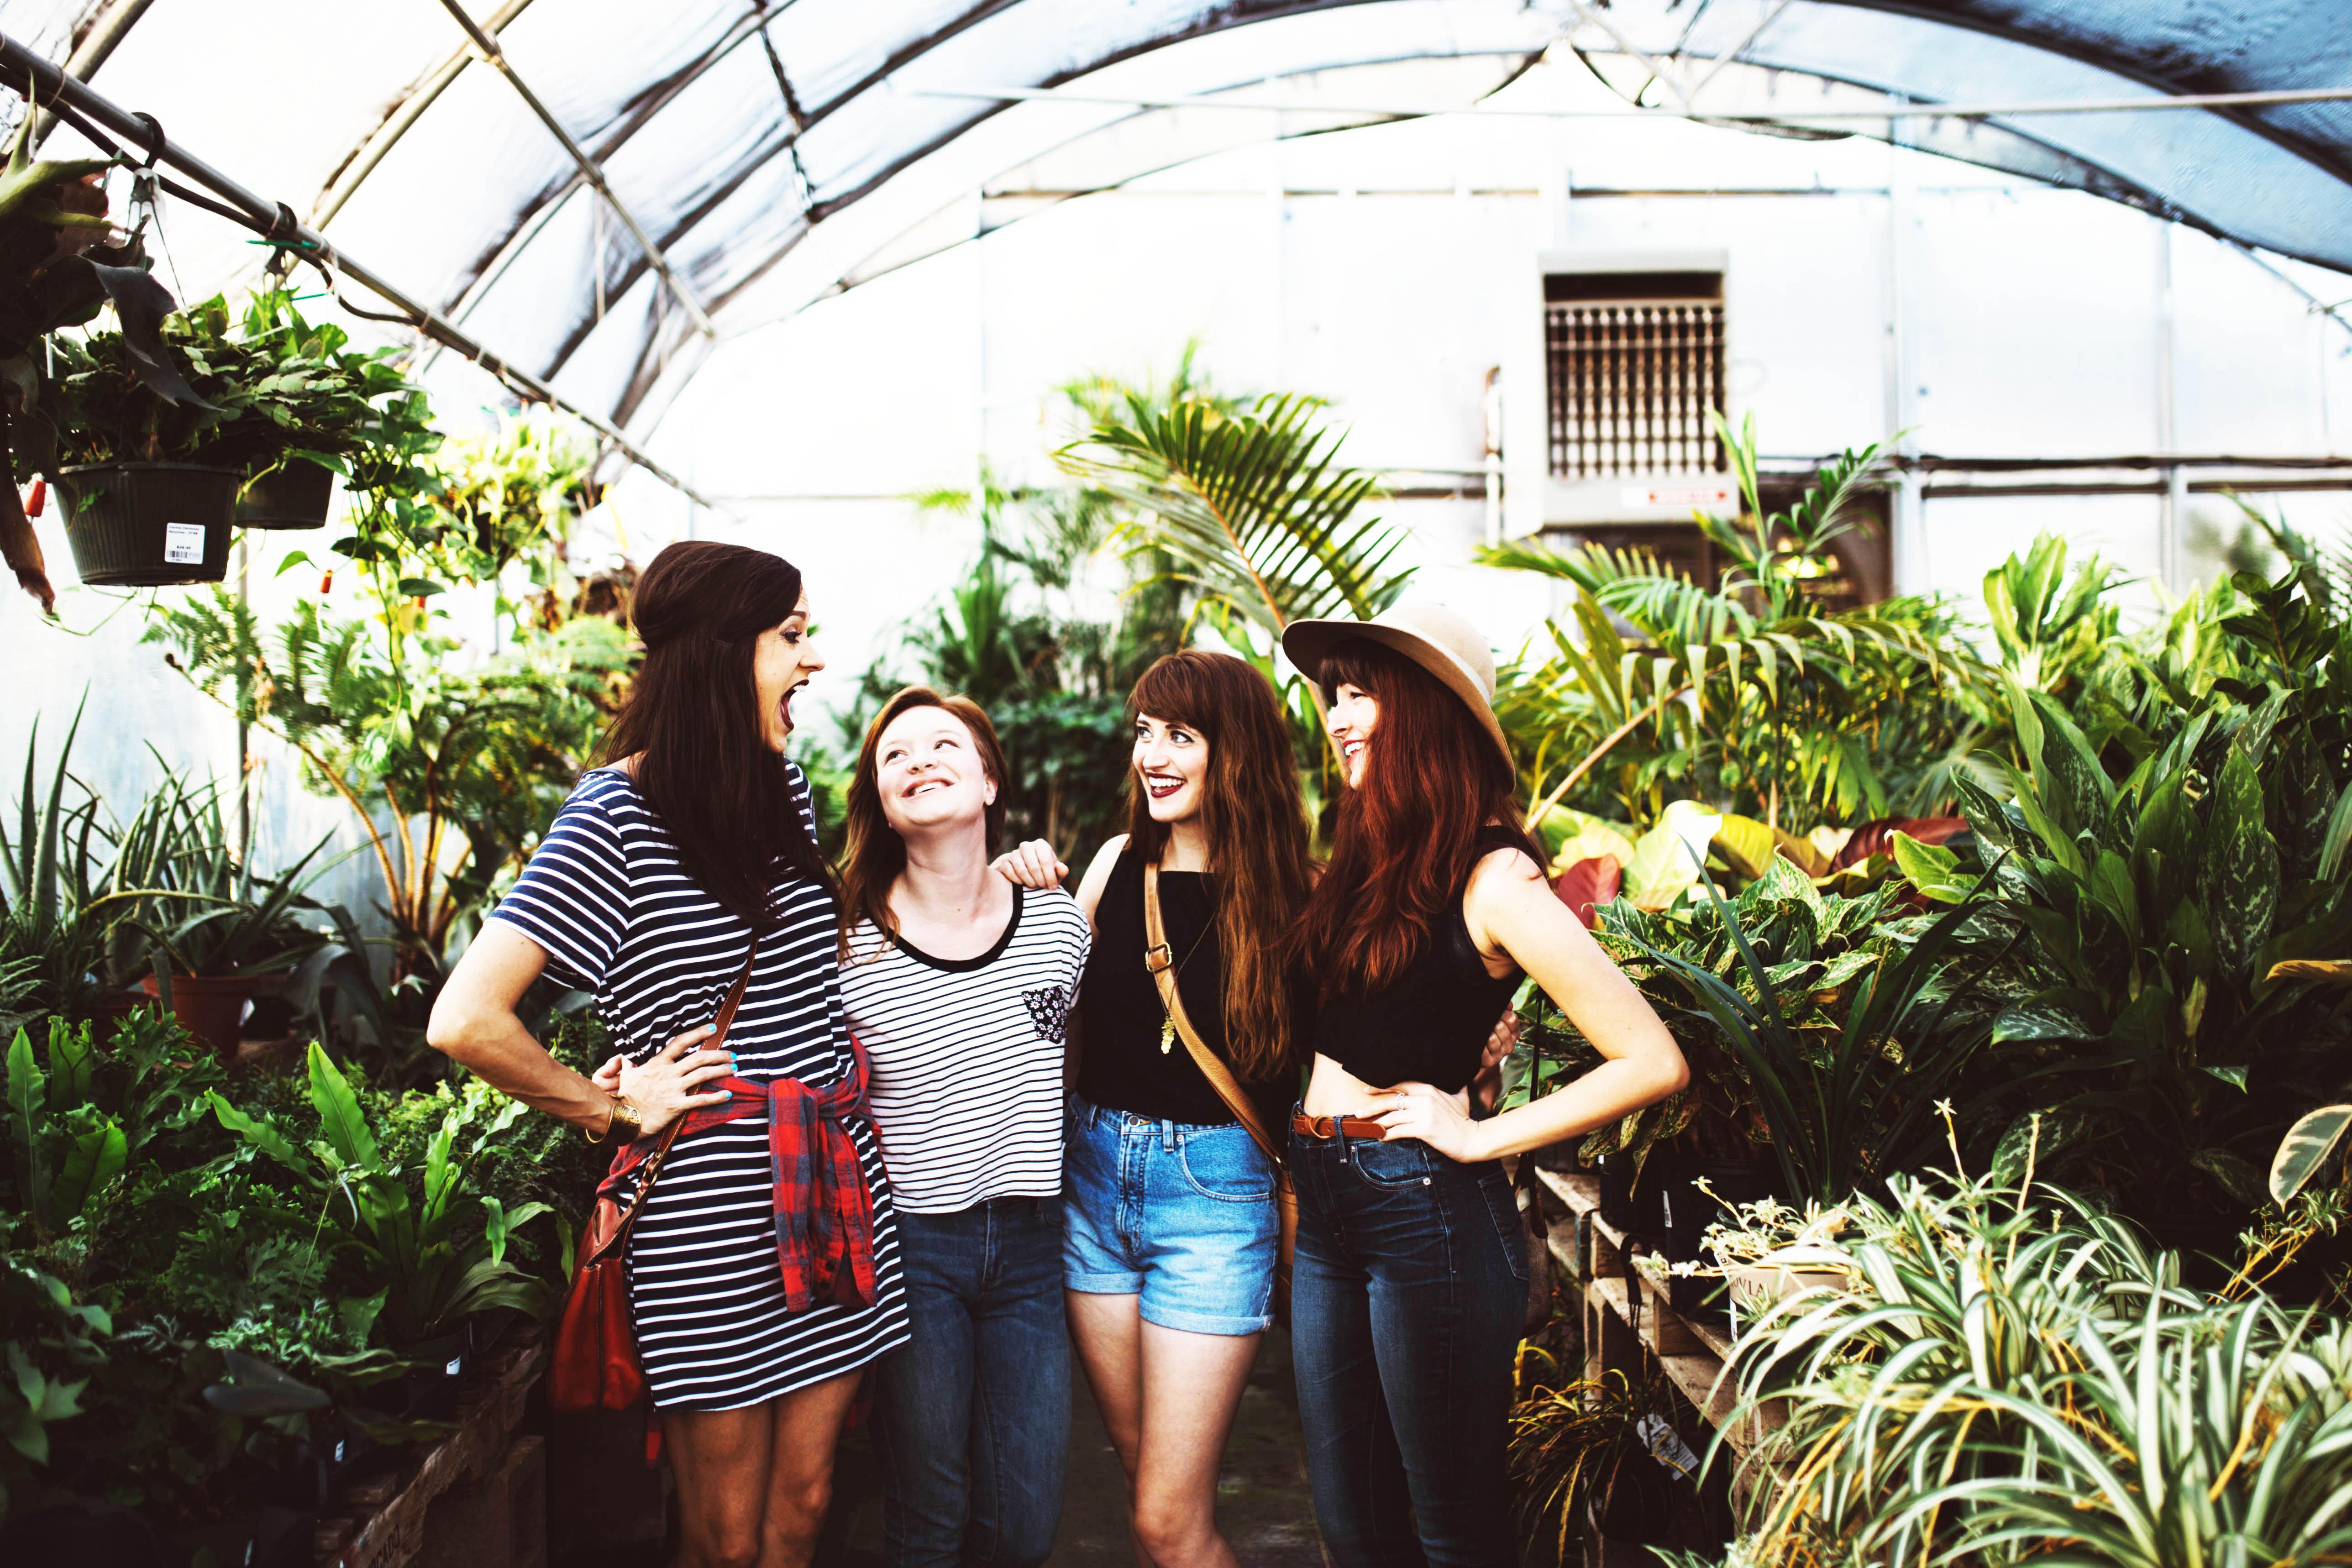 cung hoàng đạo nhóm bạn gái